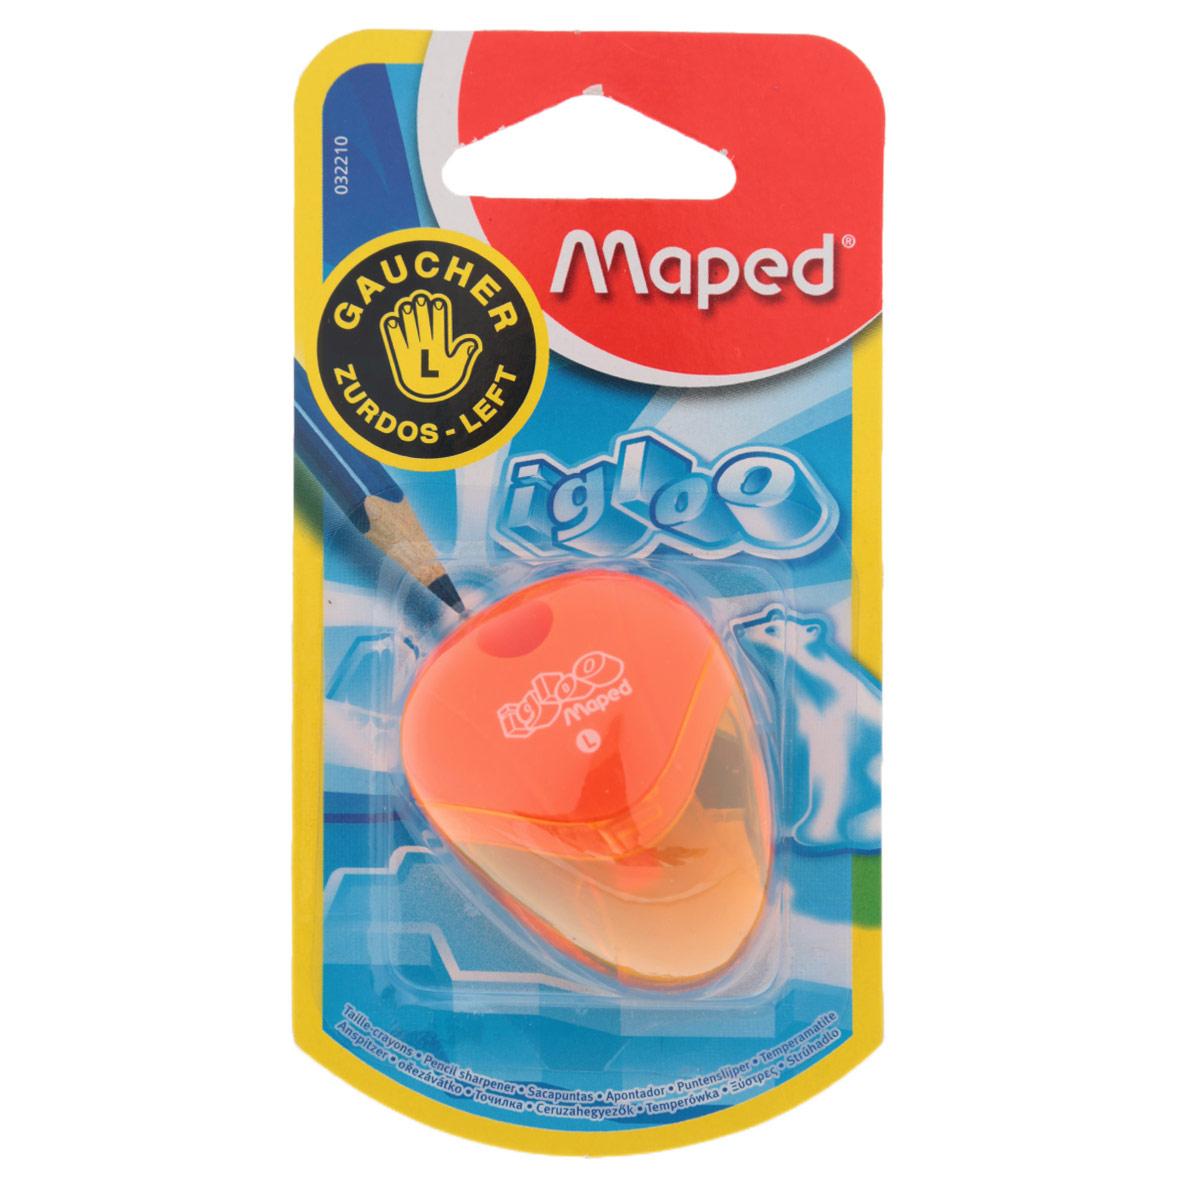 Точилка Maped Igloo, для левшей, цвет: оранжевый32210_оранжевыйТочилка Igloo для левшей с одним отверстием выполнена из ударопрочного пластика. Полупрозрачный контейнер для сбора стружки позволяет визуально контролировать уровень заполнения и вовремя производить очистку. Подходит как для школы, так и для офиса.Рекомендовано детям старше трех лет.